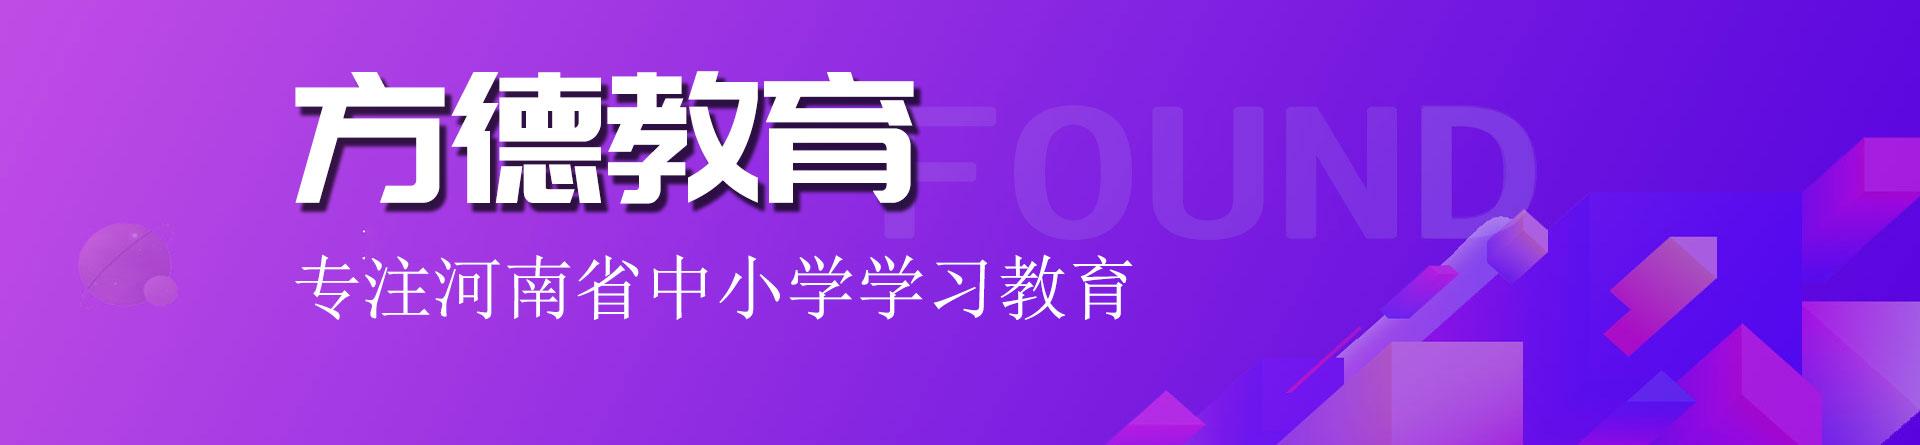 郑州方德教育